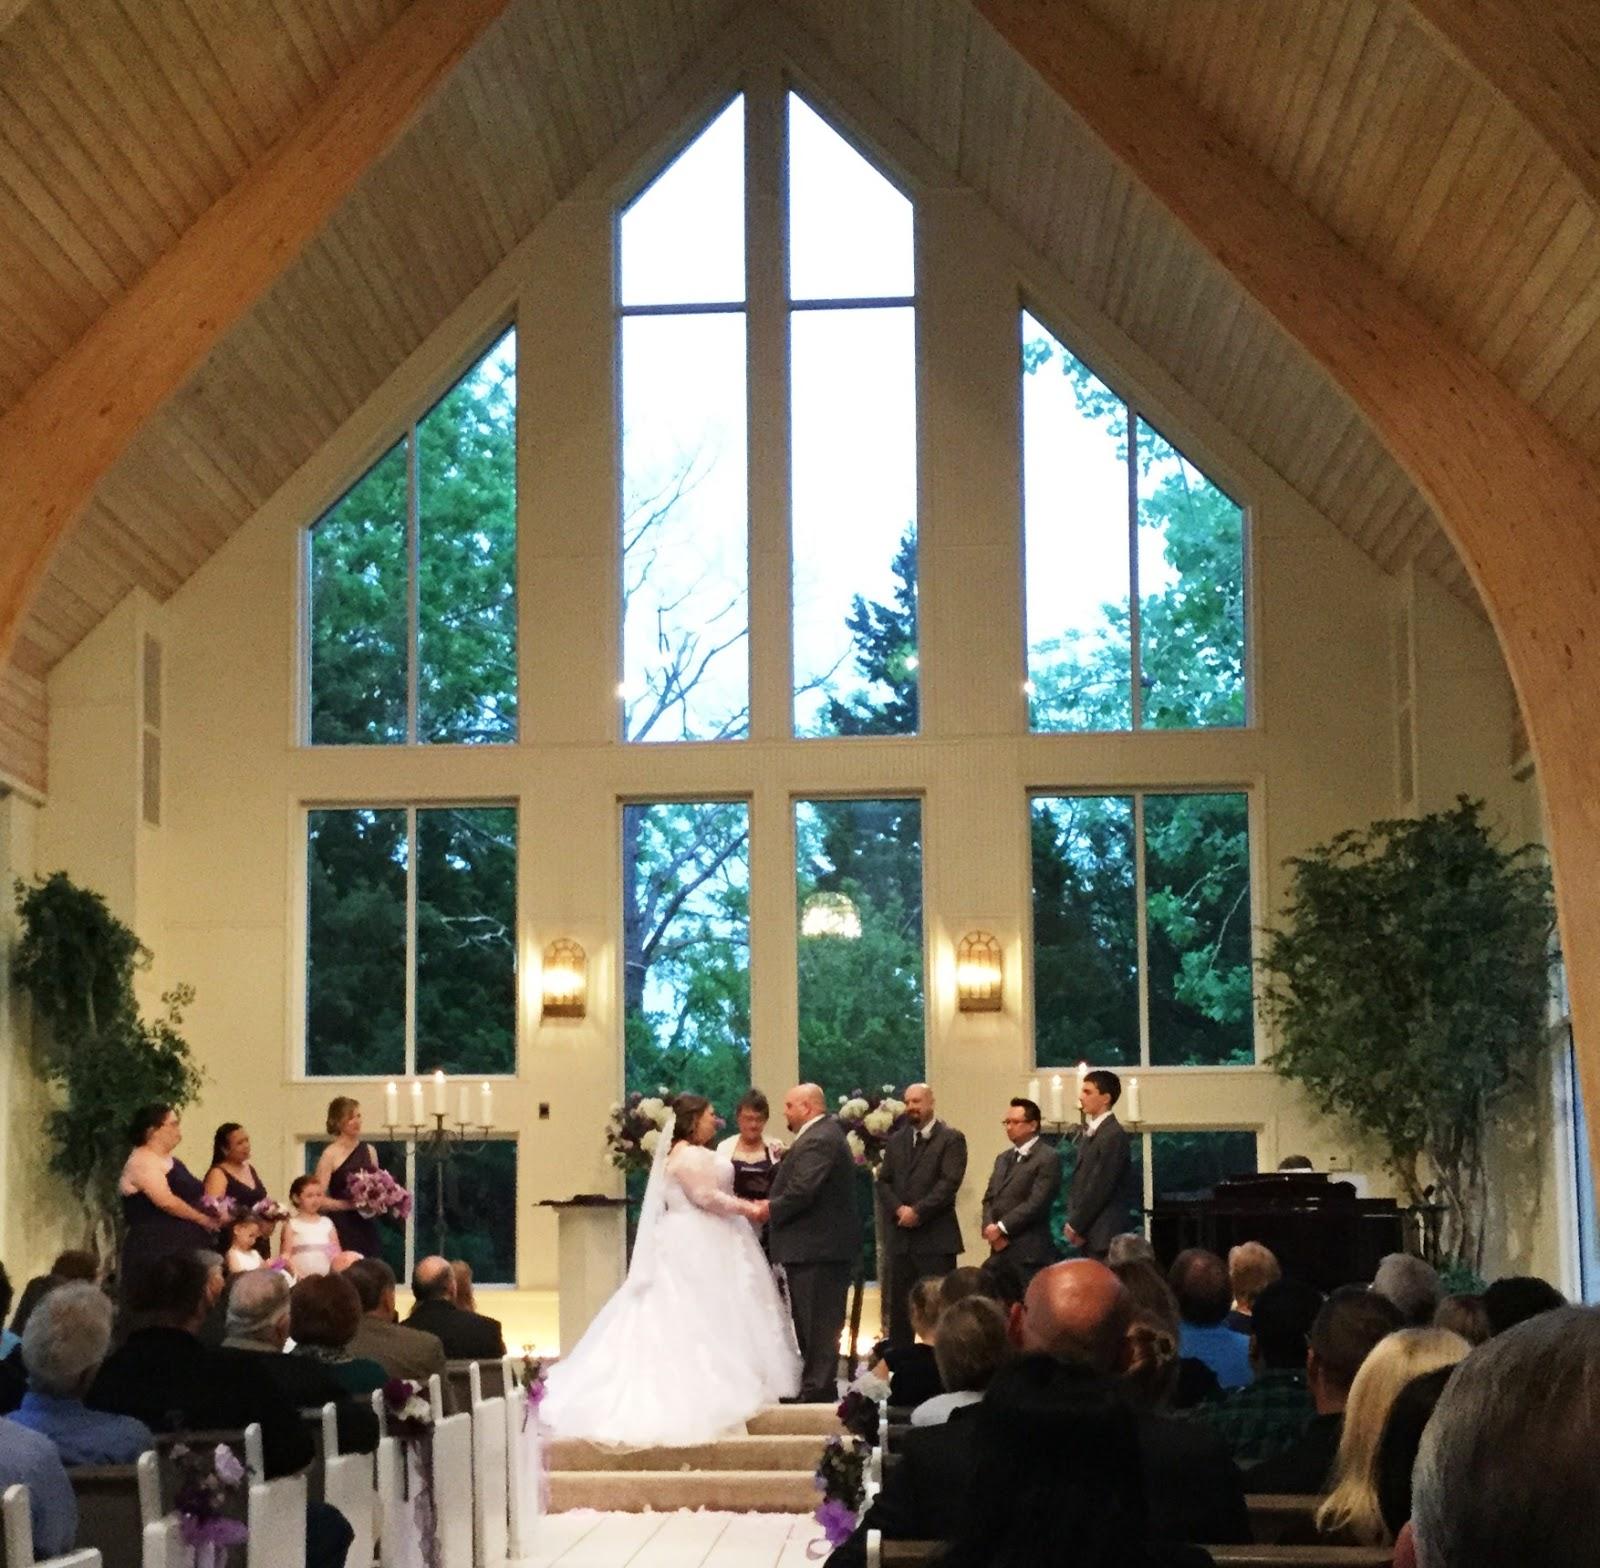 Walnut Creek Chapel: Jenny Waller & Scott York - UNPLUGGED ...